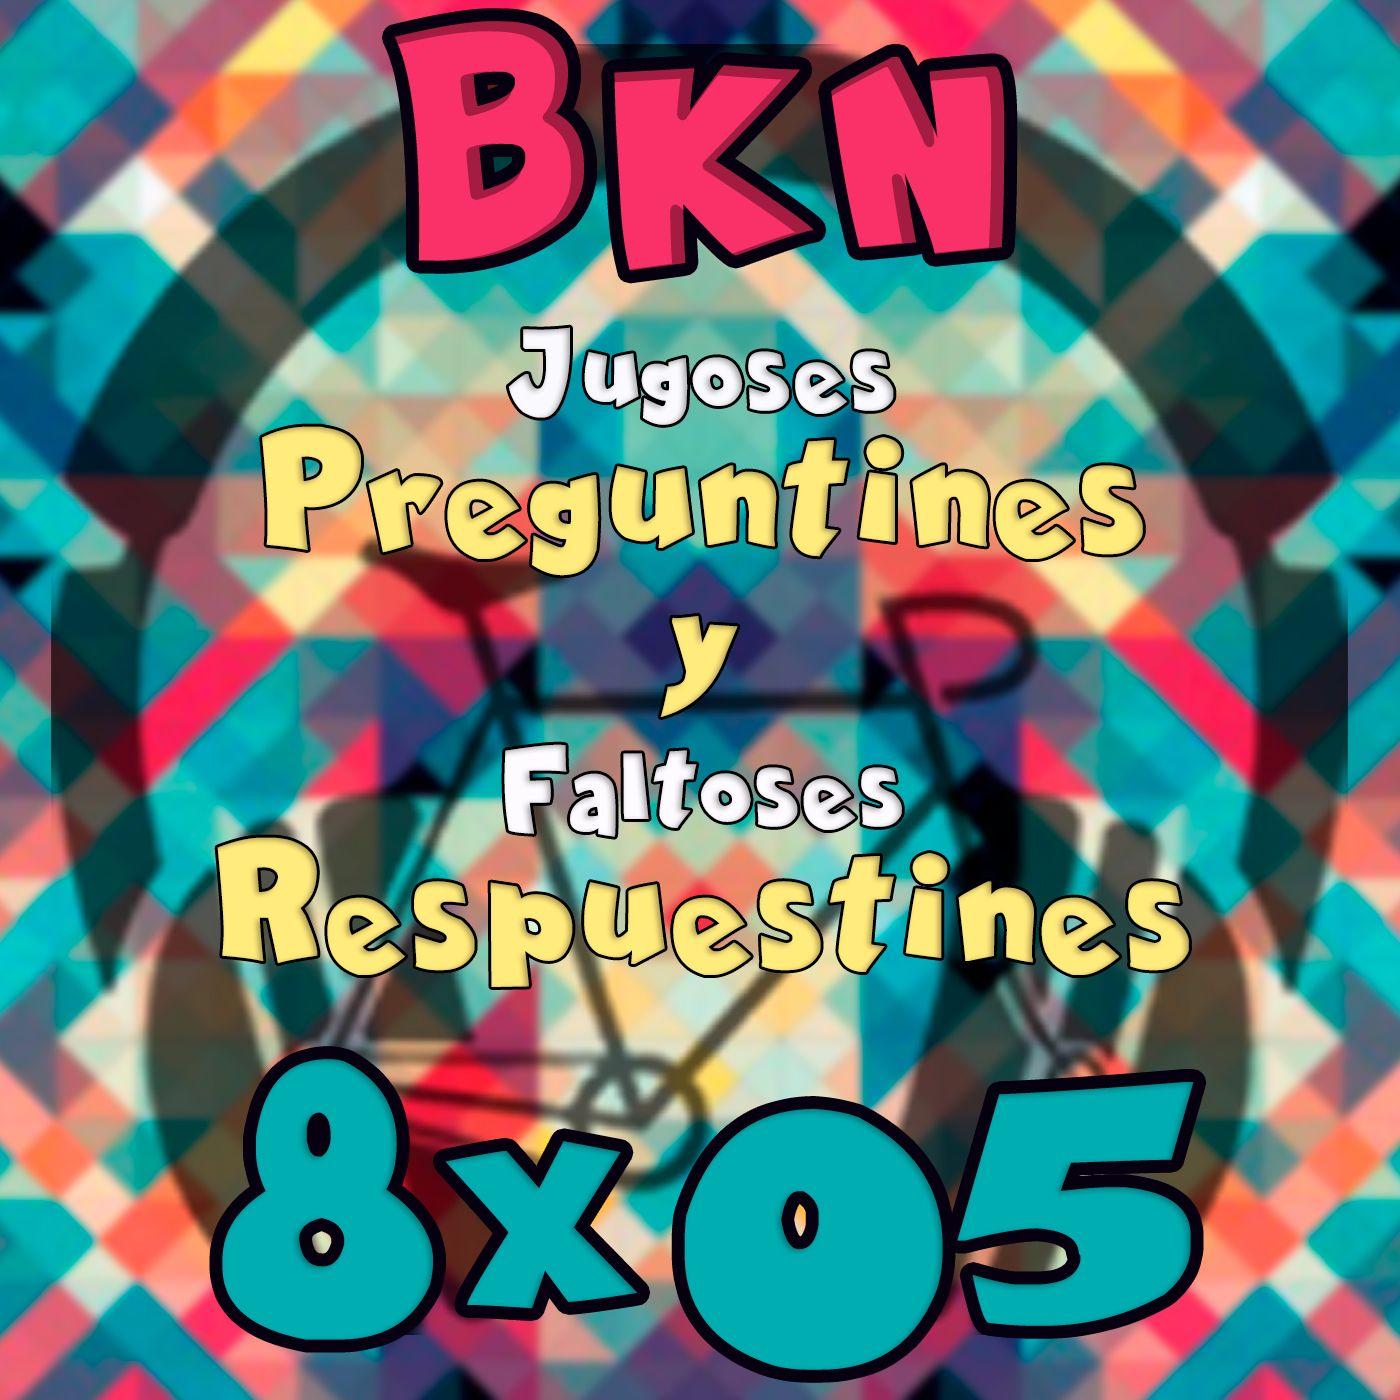 BKN 8x05 Jugoses Preguntines y Faltoses Respuestines